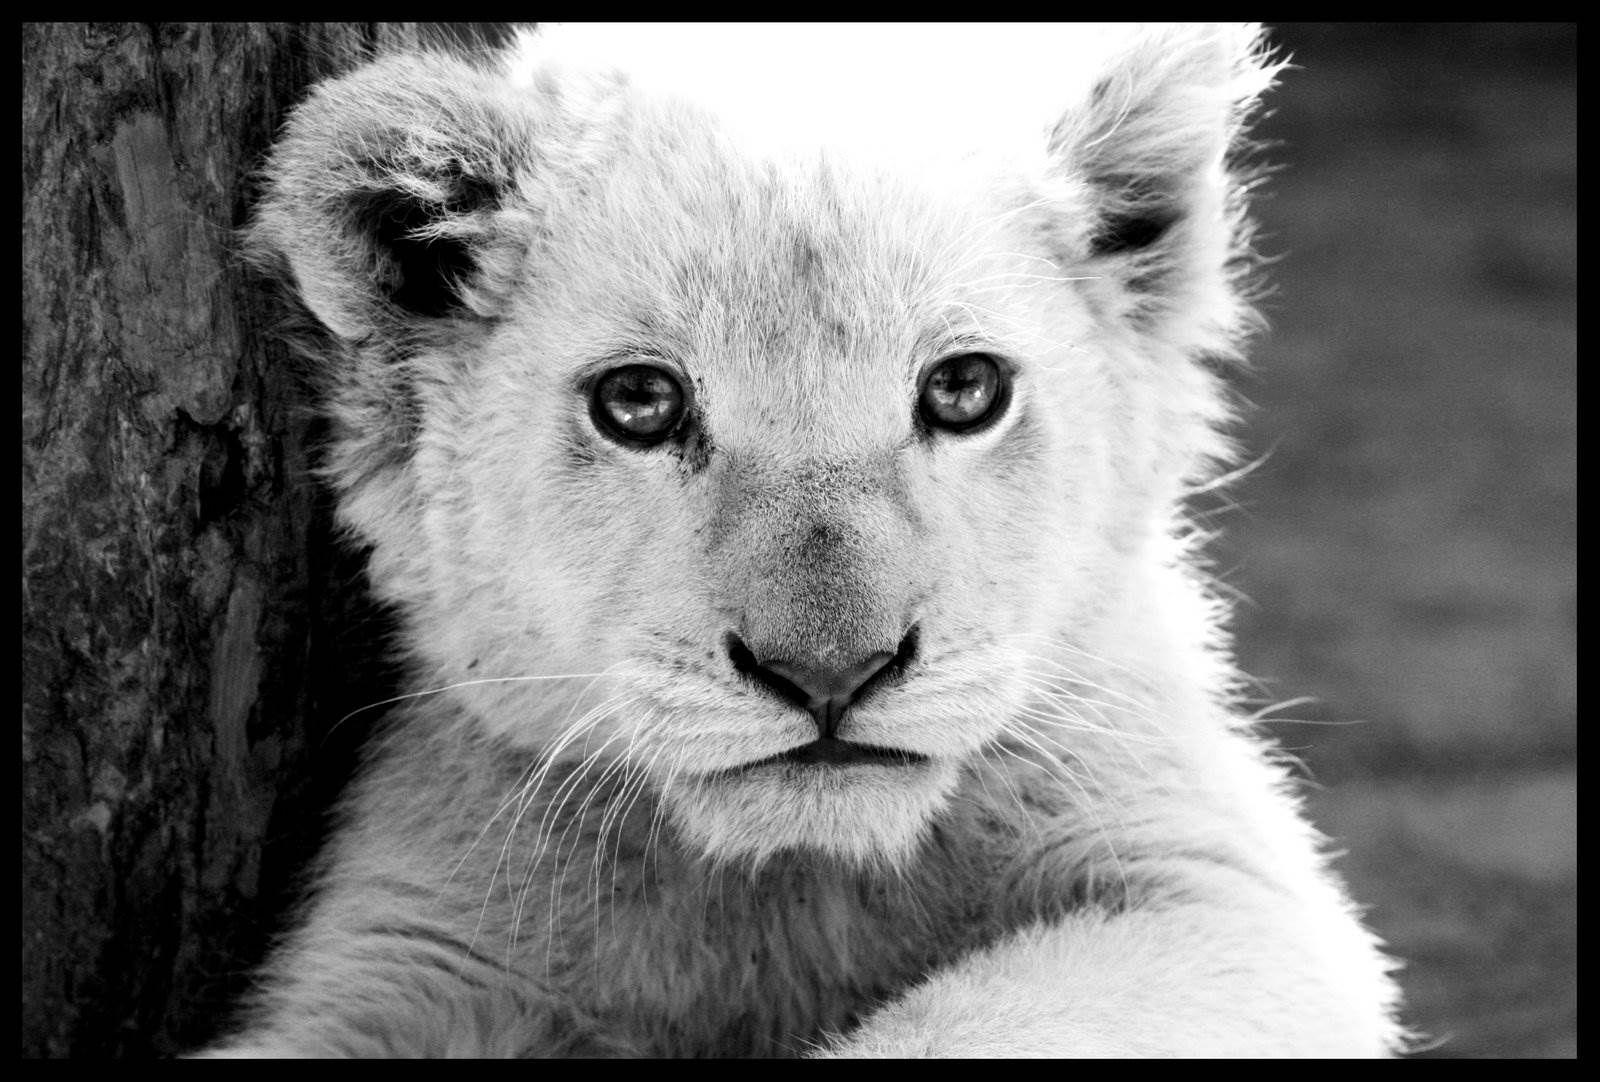 White Lion Roar Wallpaper 1400x1050 Images